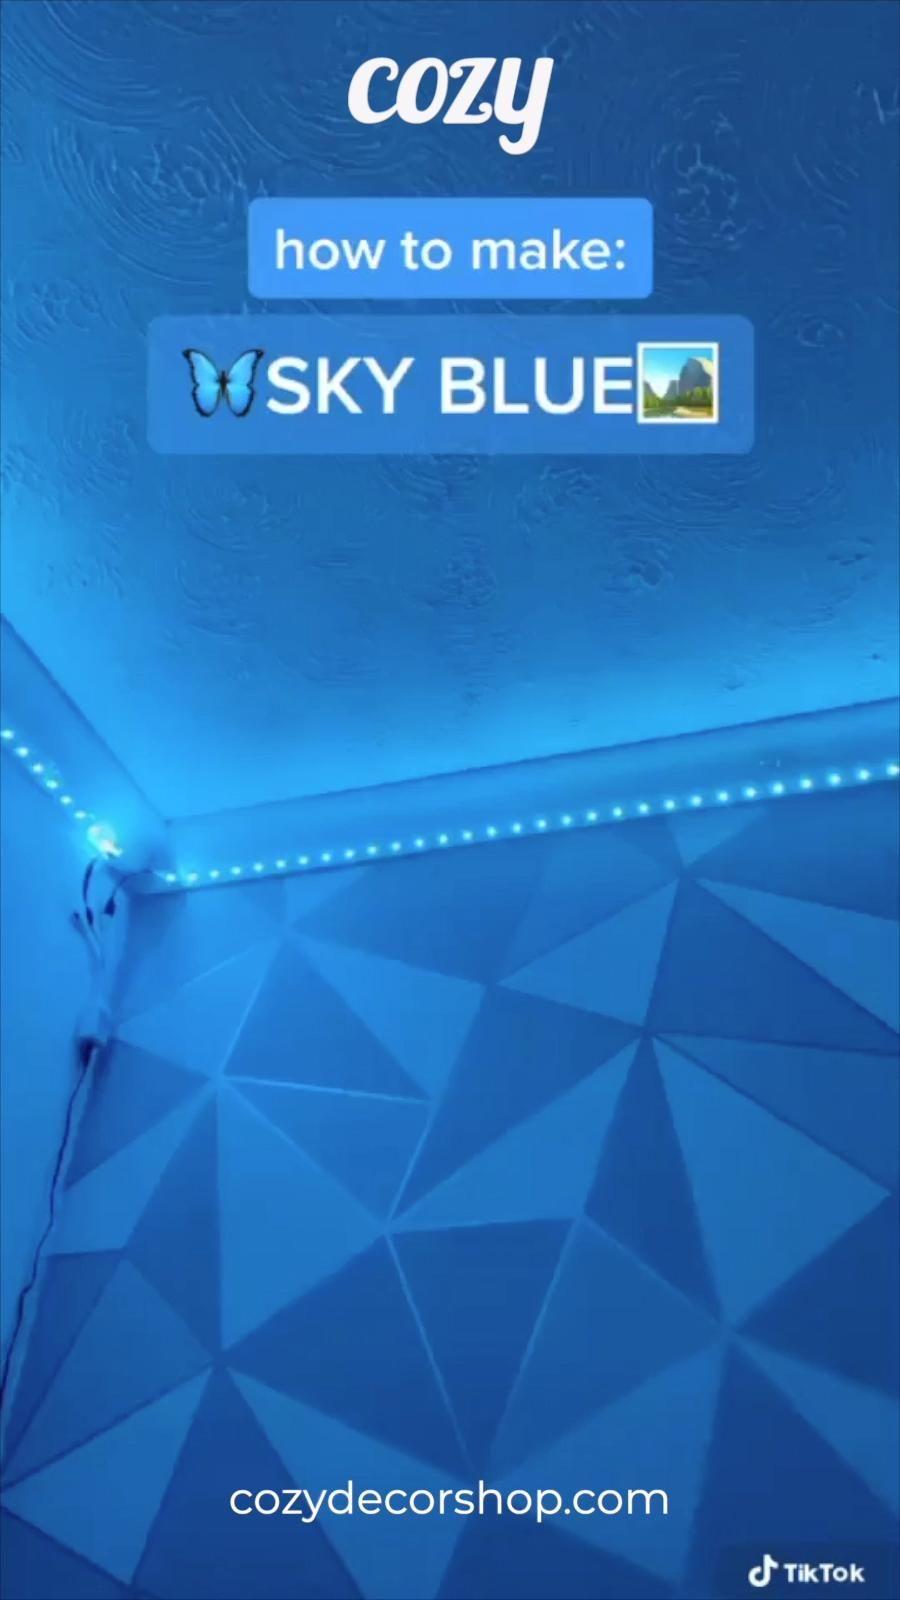 How To Make Sky Blue Led Tiktok Lights Video Led Lighting Bedroom Led Room Lighting Led Lighting Diy